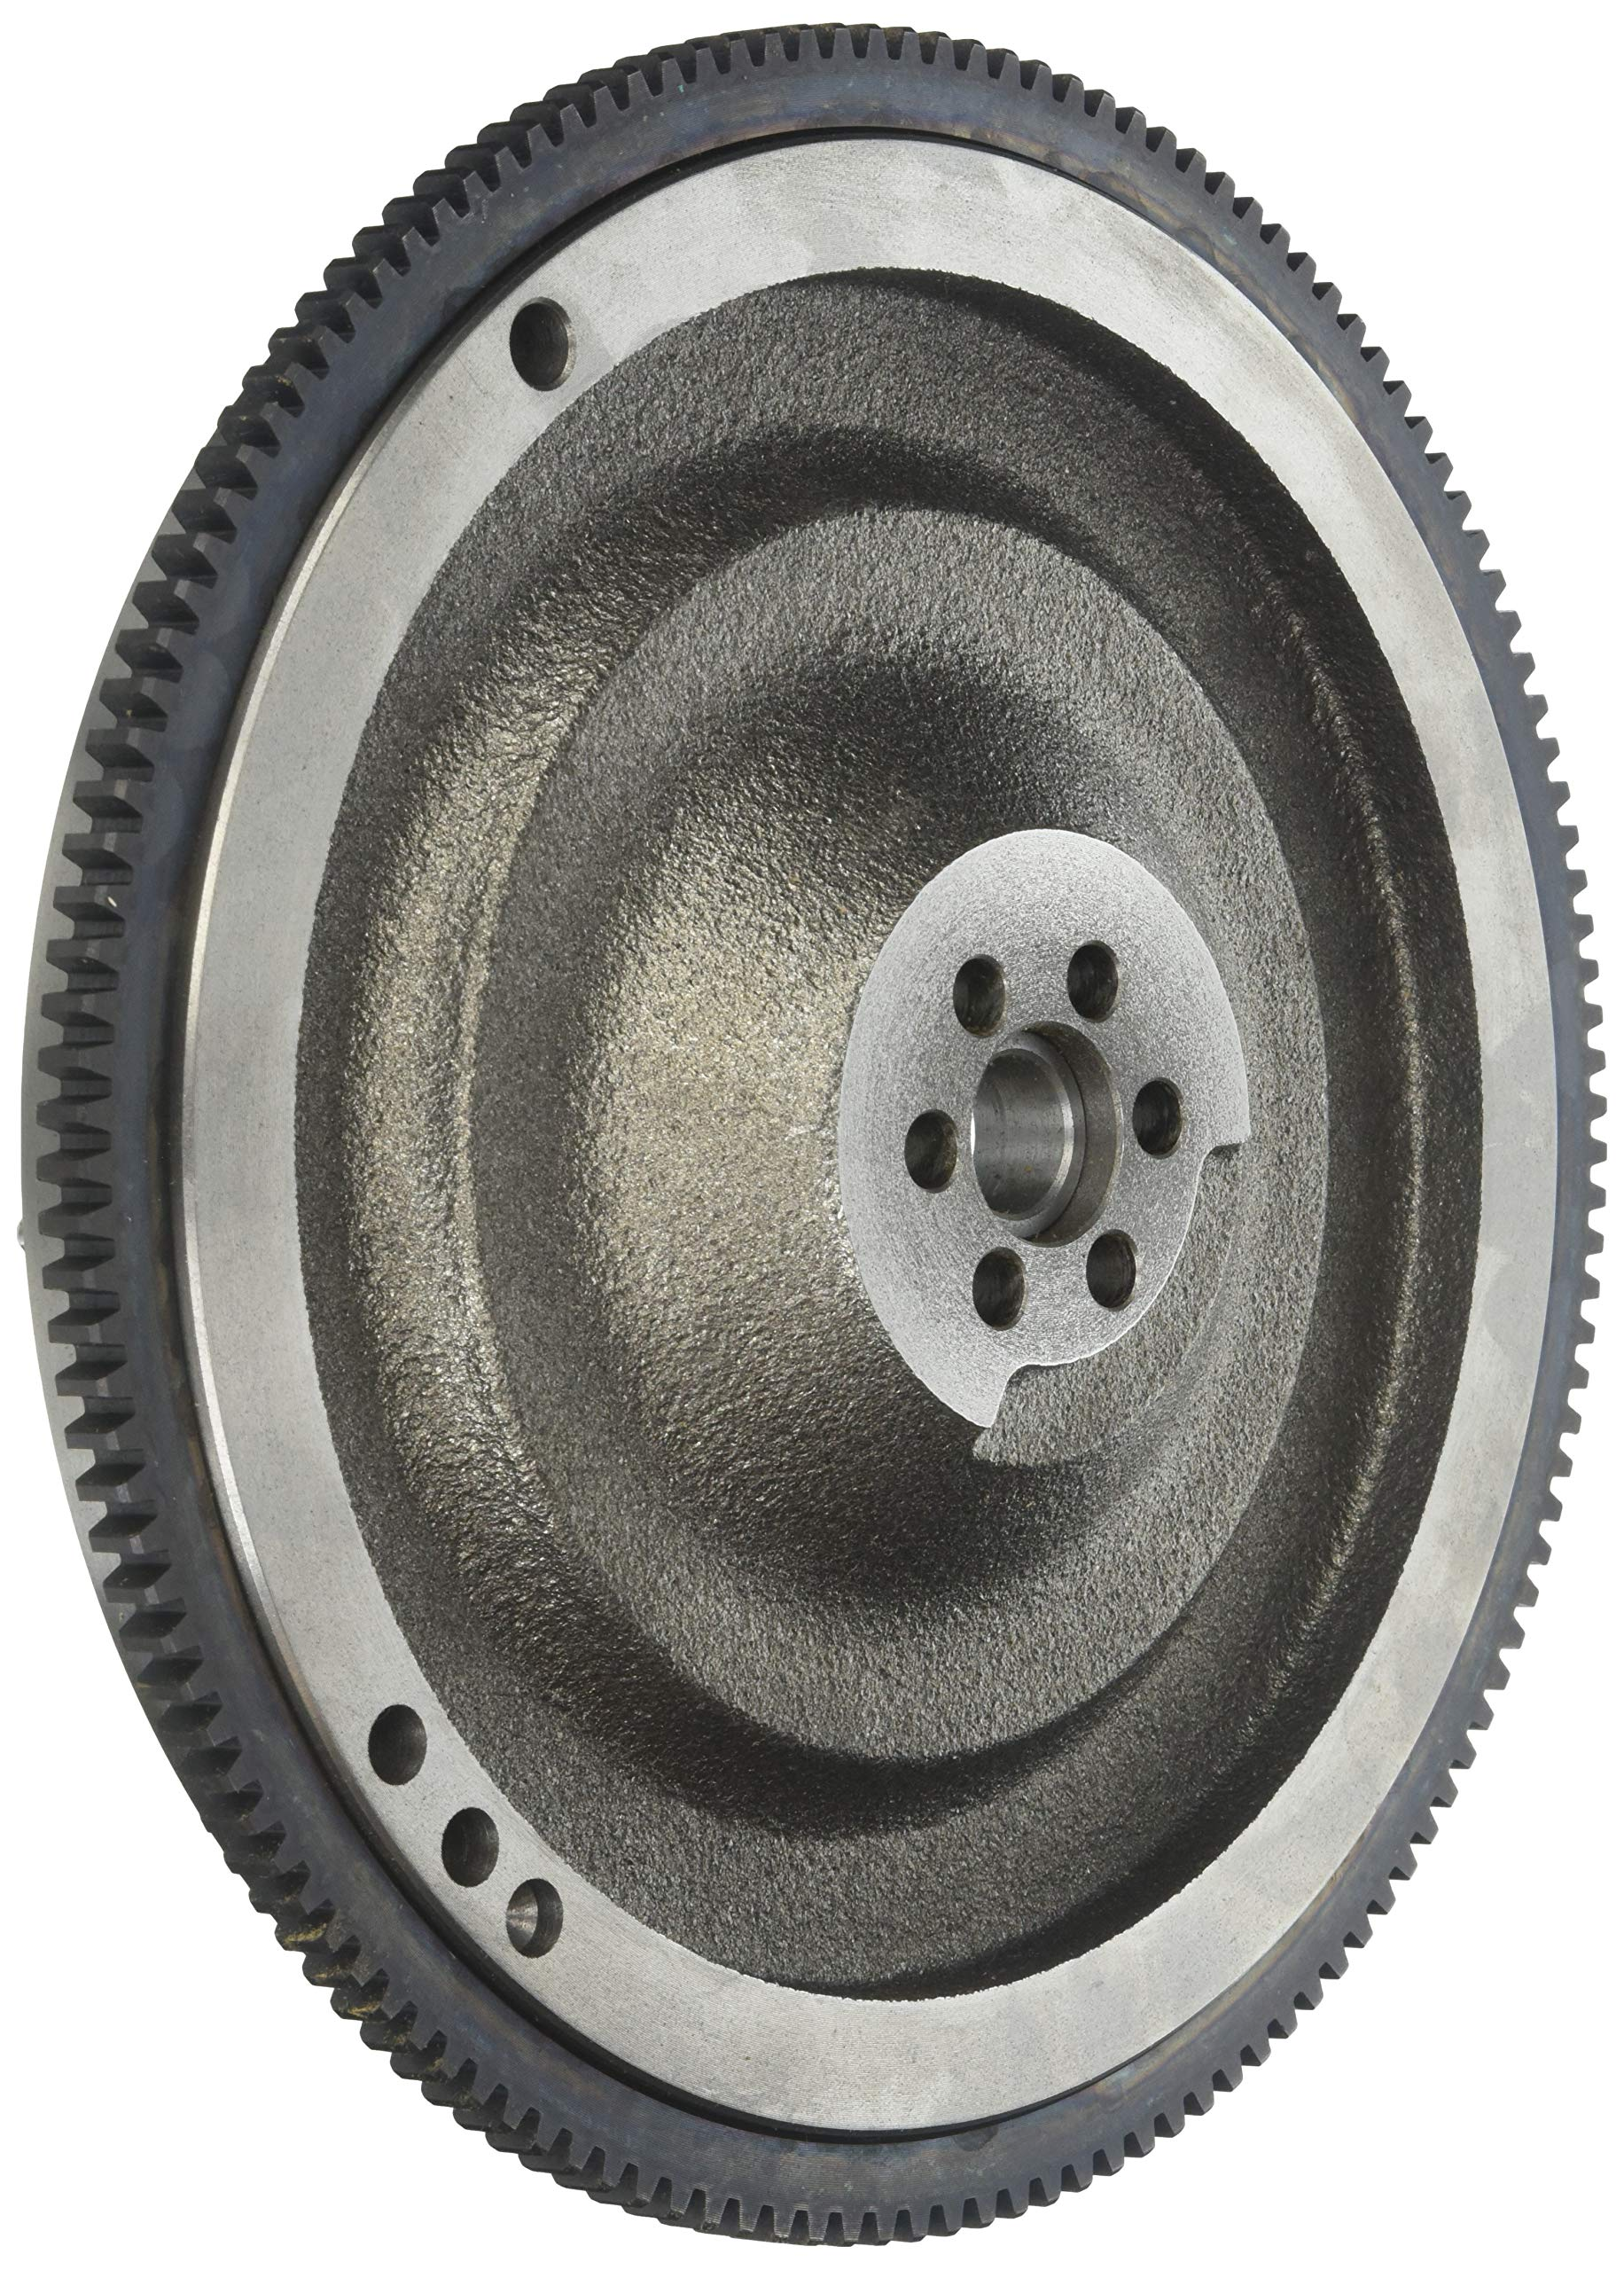 LuK LFW188 Flywheel